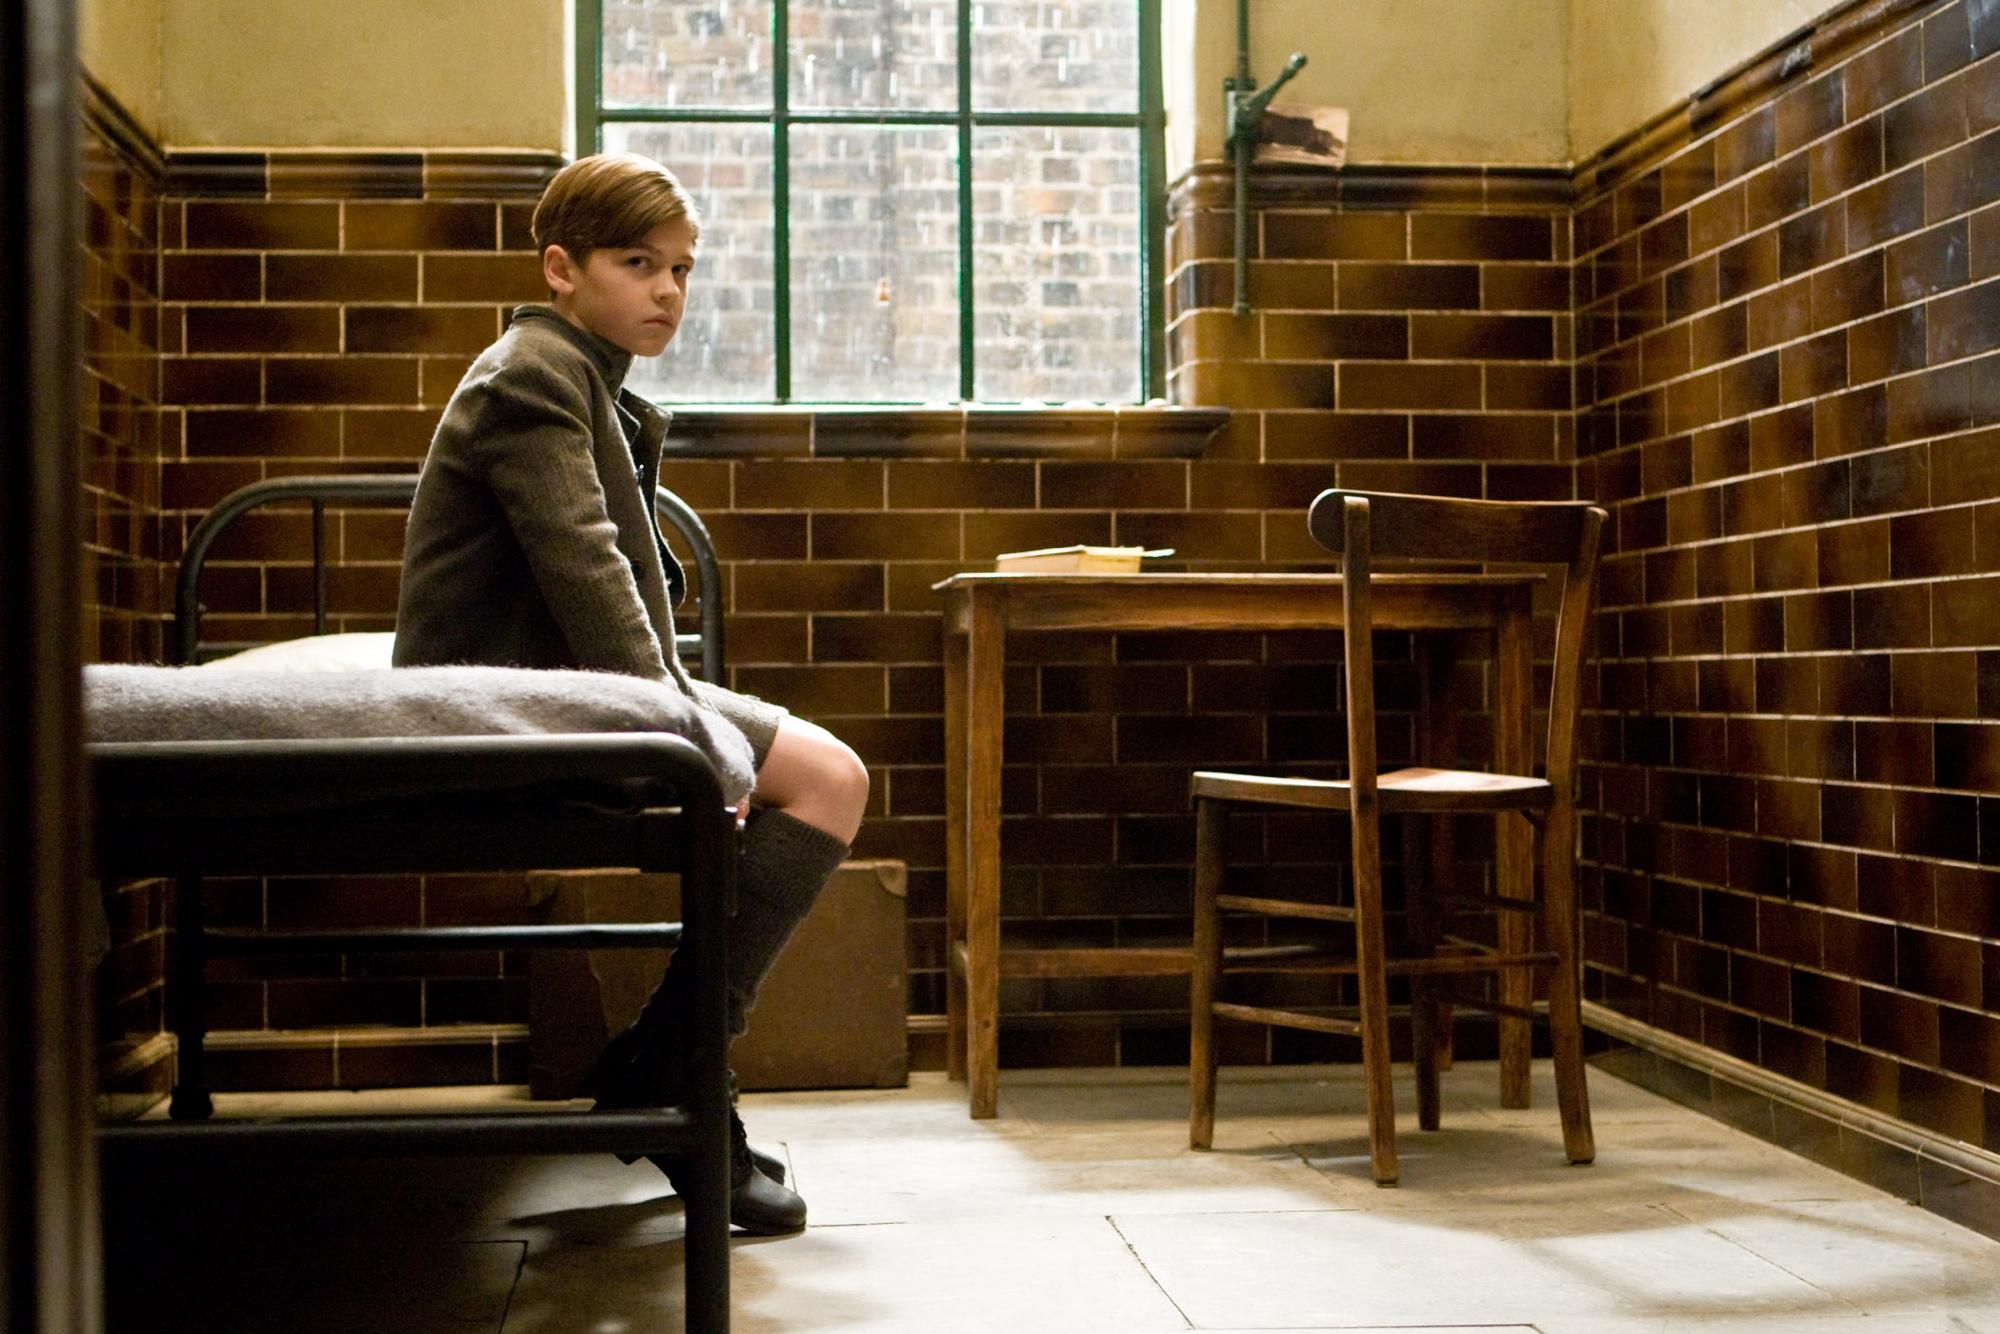 кадры из фильма Гарри Поттер и Принц-полукровка Хиро Файнс-Тиффин,